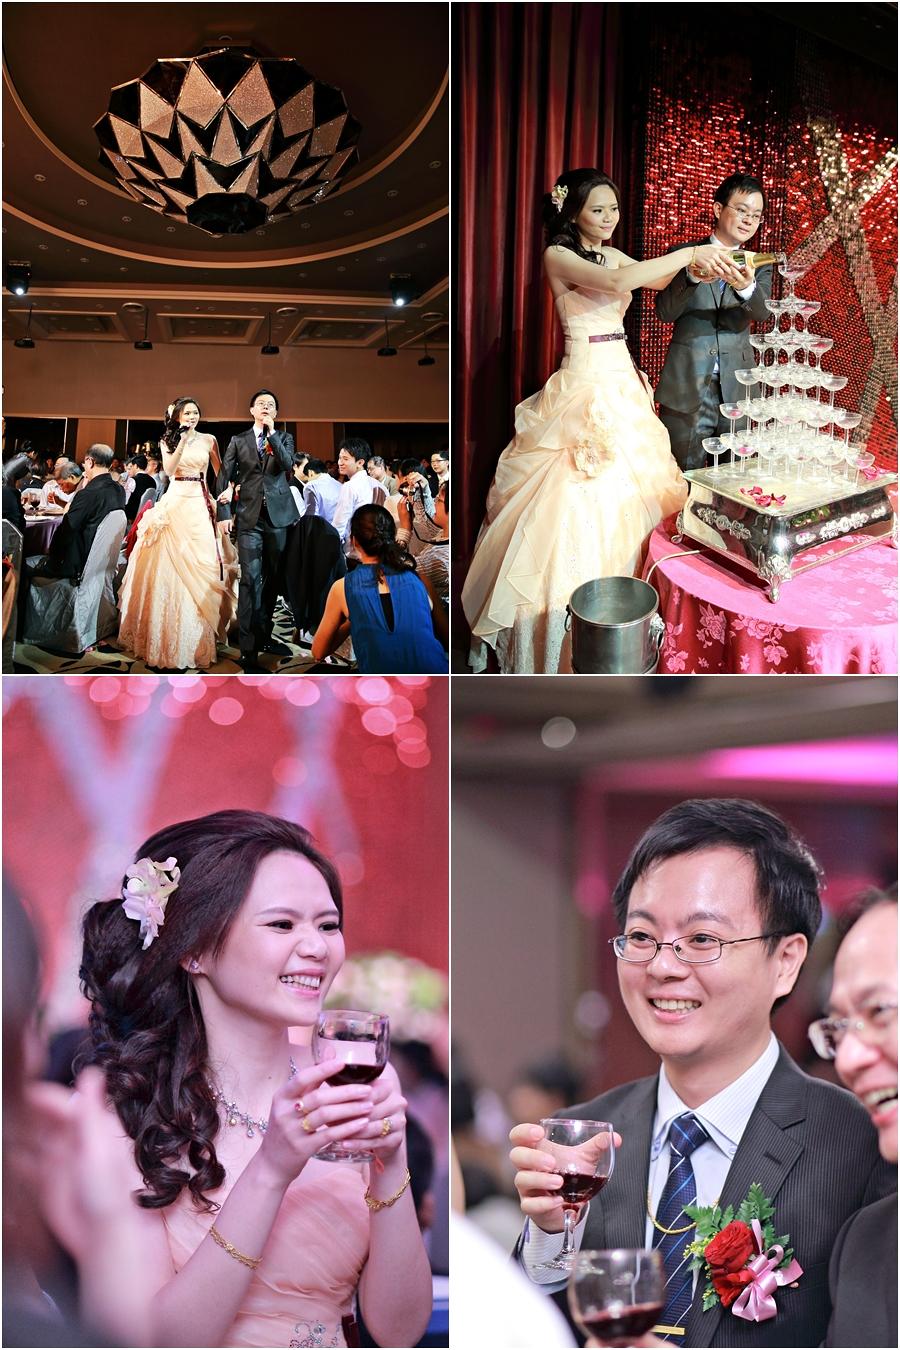 婚攝推薦,婚攝,婚禮記錄,搖滾雙魚,台北福容大飯店,婚禮攝影